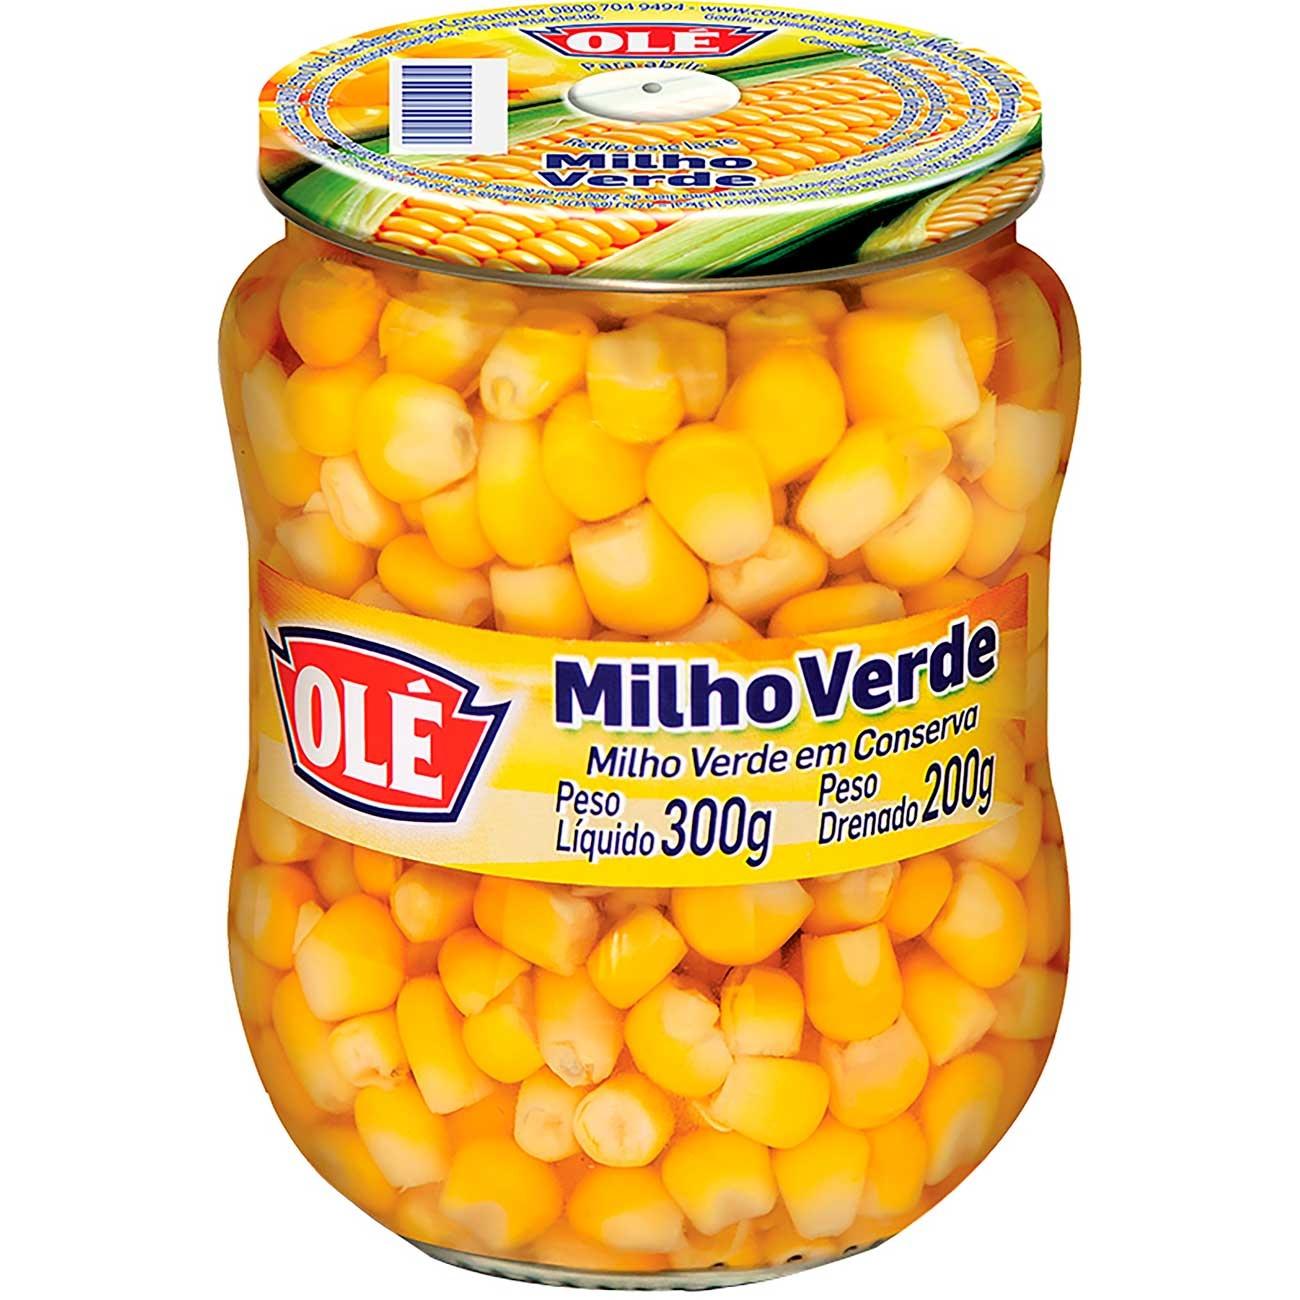 Milho Verde Ol� Vidro 200g | Caixa com 12 unidades